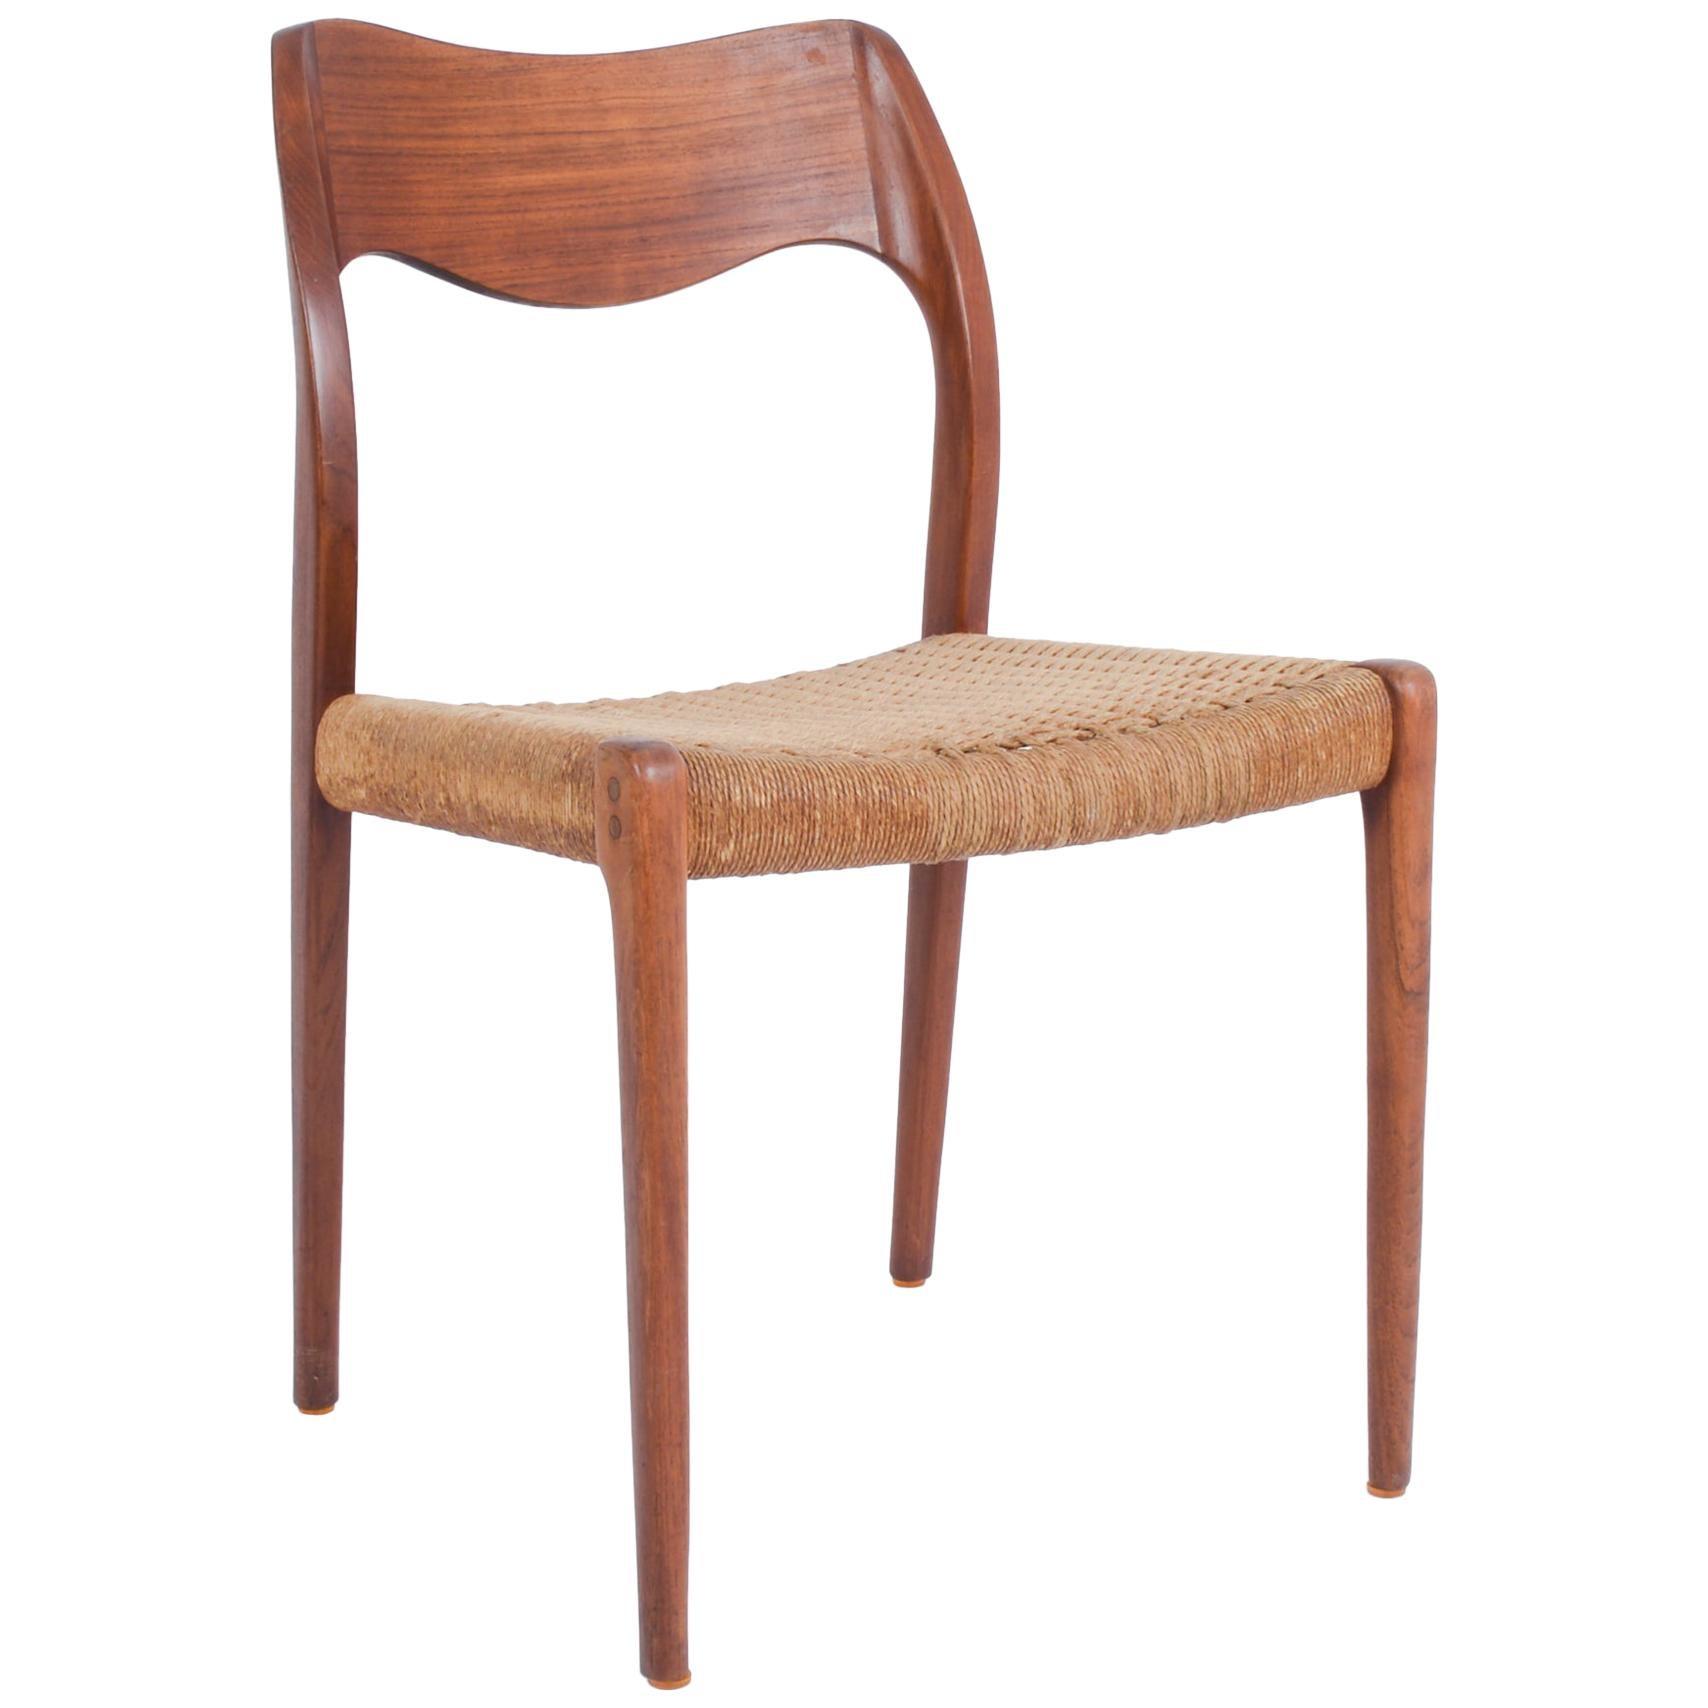 1960s Arne Hovmand-Olsen Captain's Chair